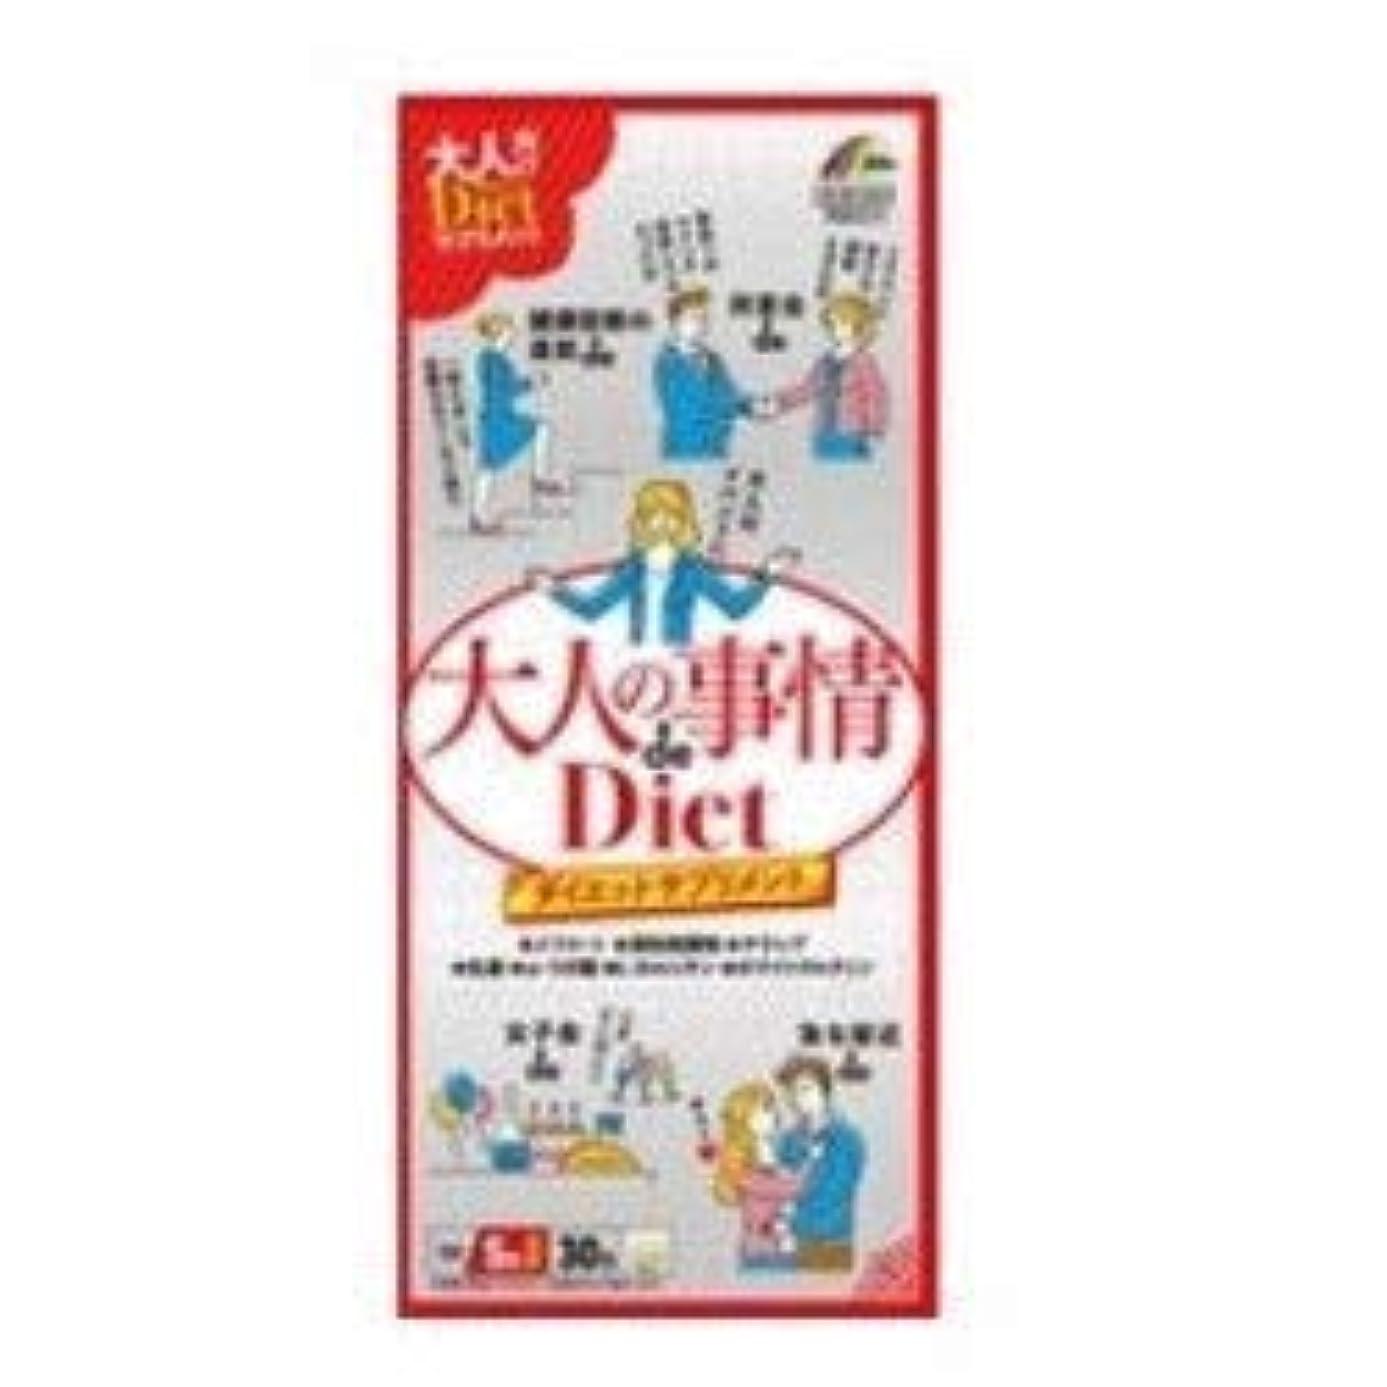 一流小売リード【ユニマットリケン】大人の事情ダイエット 30包×5